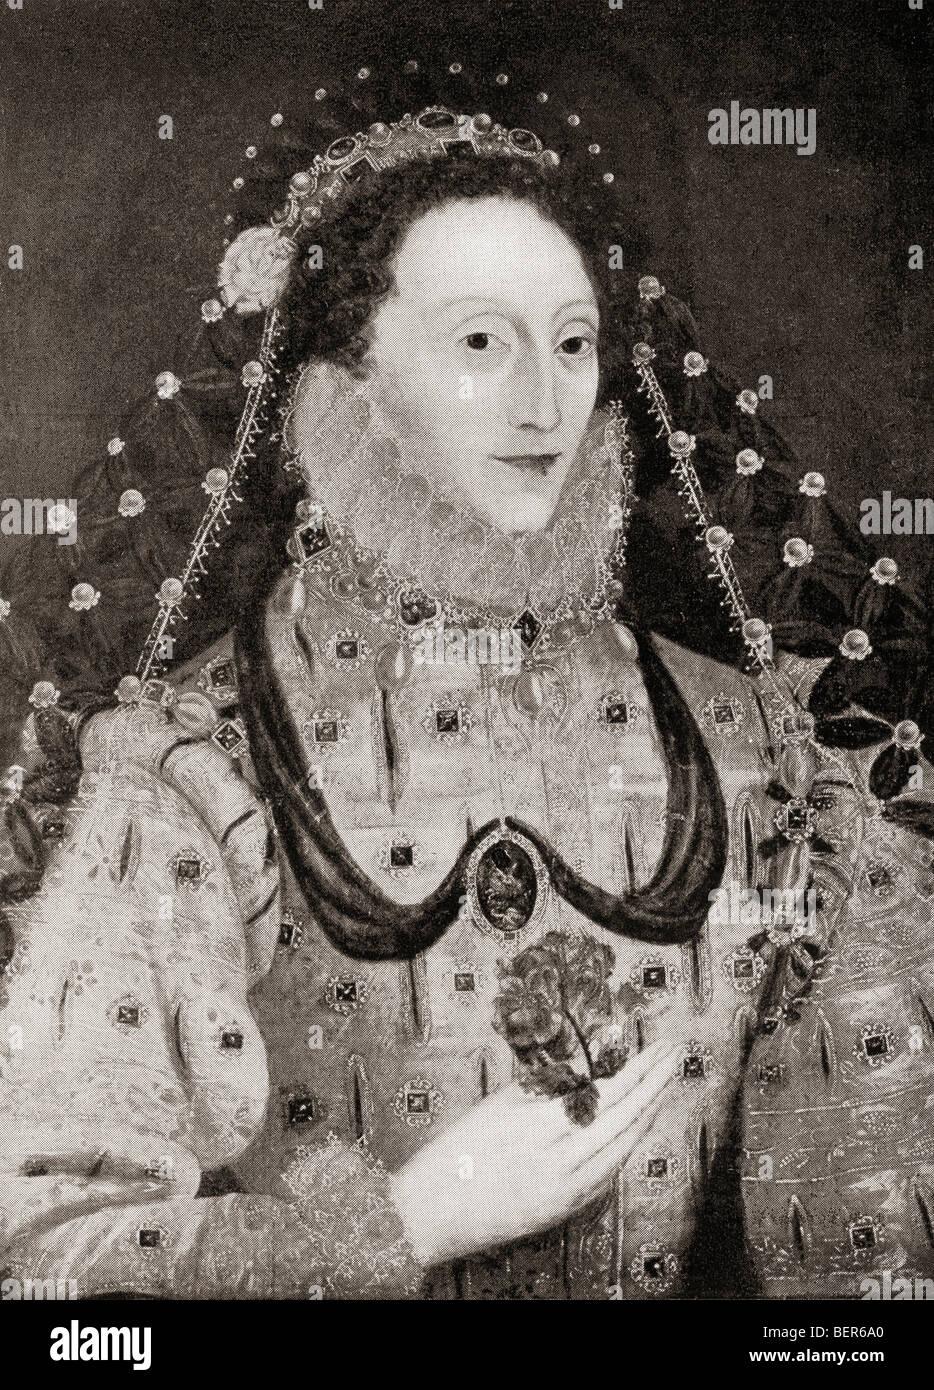 Elizabeth I, 1533 à 1603. Reine d'Angleterre et l'Irlande. Le livre d'Elizabeth et Essex par Lytton Strachey publié en 1928. Banque D'Images